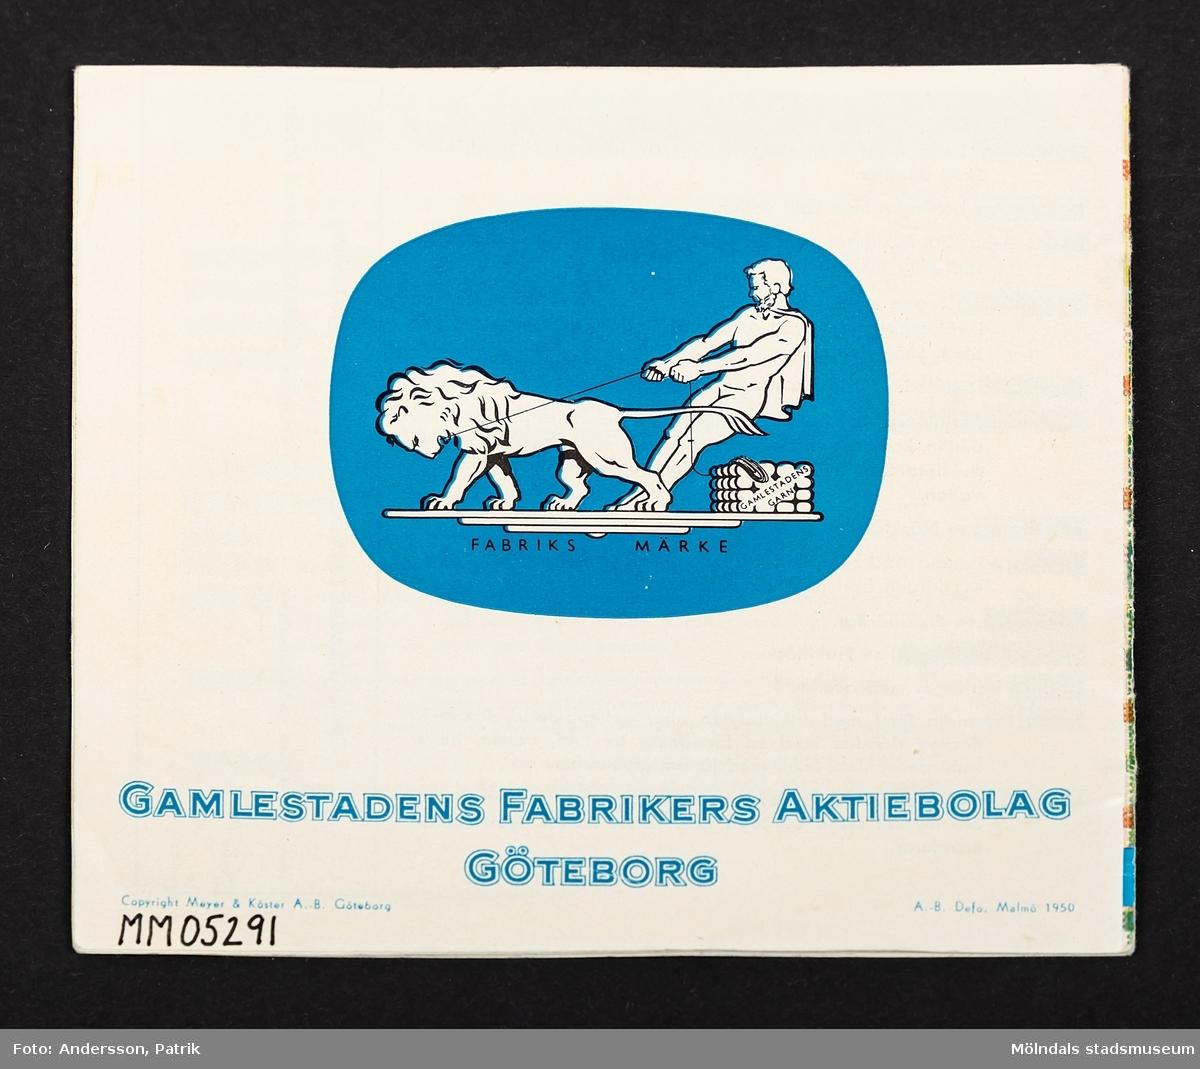 Produkt och mönsterhäfte från Gamlestadens fabrikers aktiebolag med titeln Gamlestaden och Carma (reklamhäfte). På framsidan syns en kvinna med en klänning i rutigt tyg som är likadant som bakgrunden. Titeln står i en vit kvadrat.